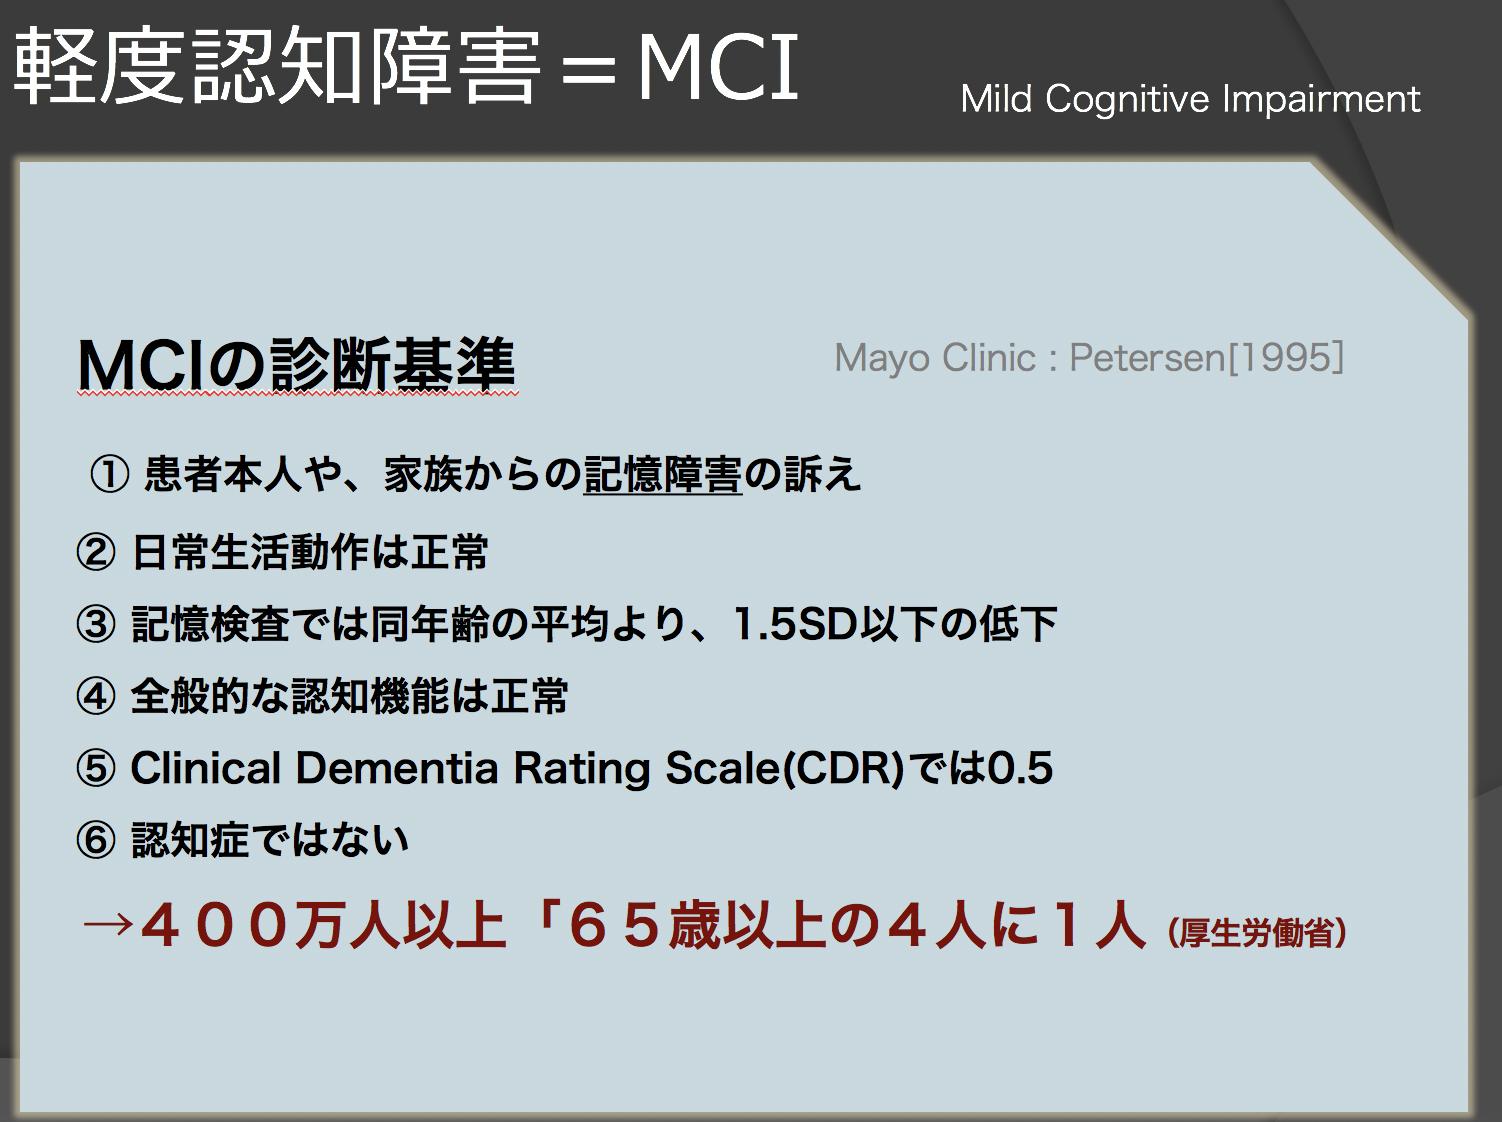 身体表現療法士 平山久美先生の資料をお借りしました。